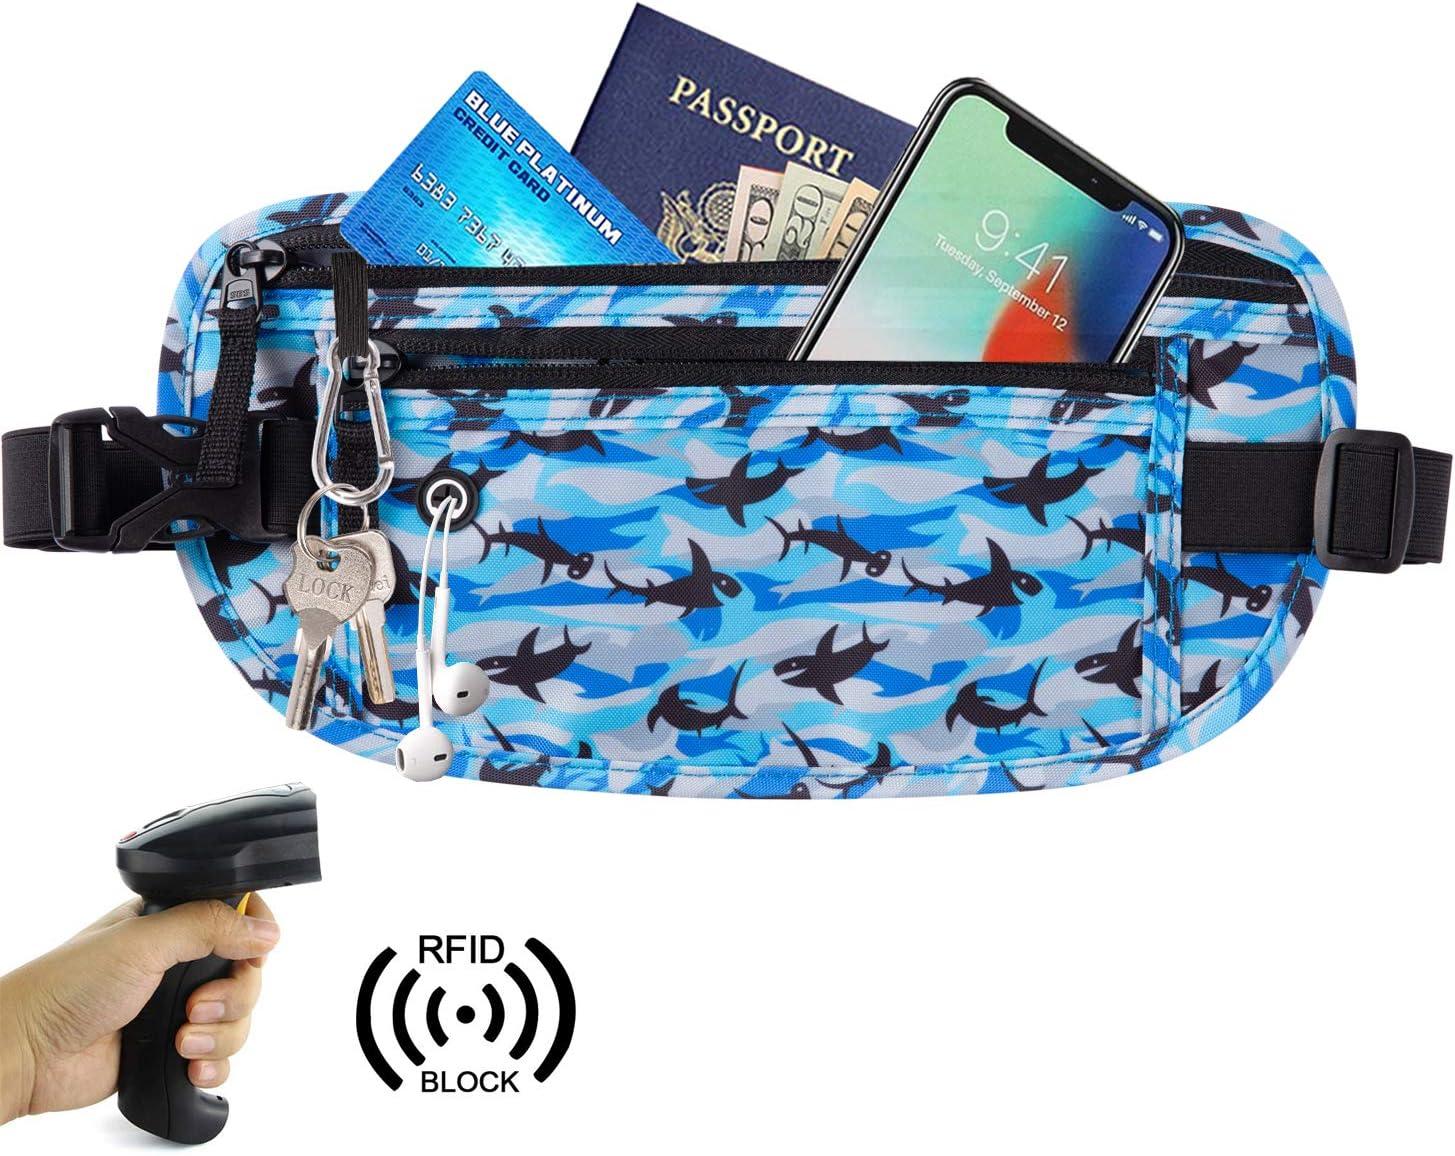 Goothdurs Running Money Belt Travel Fanny Pack RFID Blocking Slim Waist Bag for Women and Men 2019 New Model